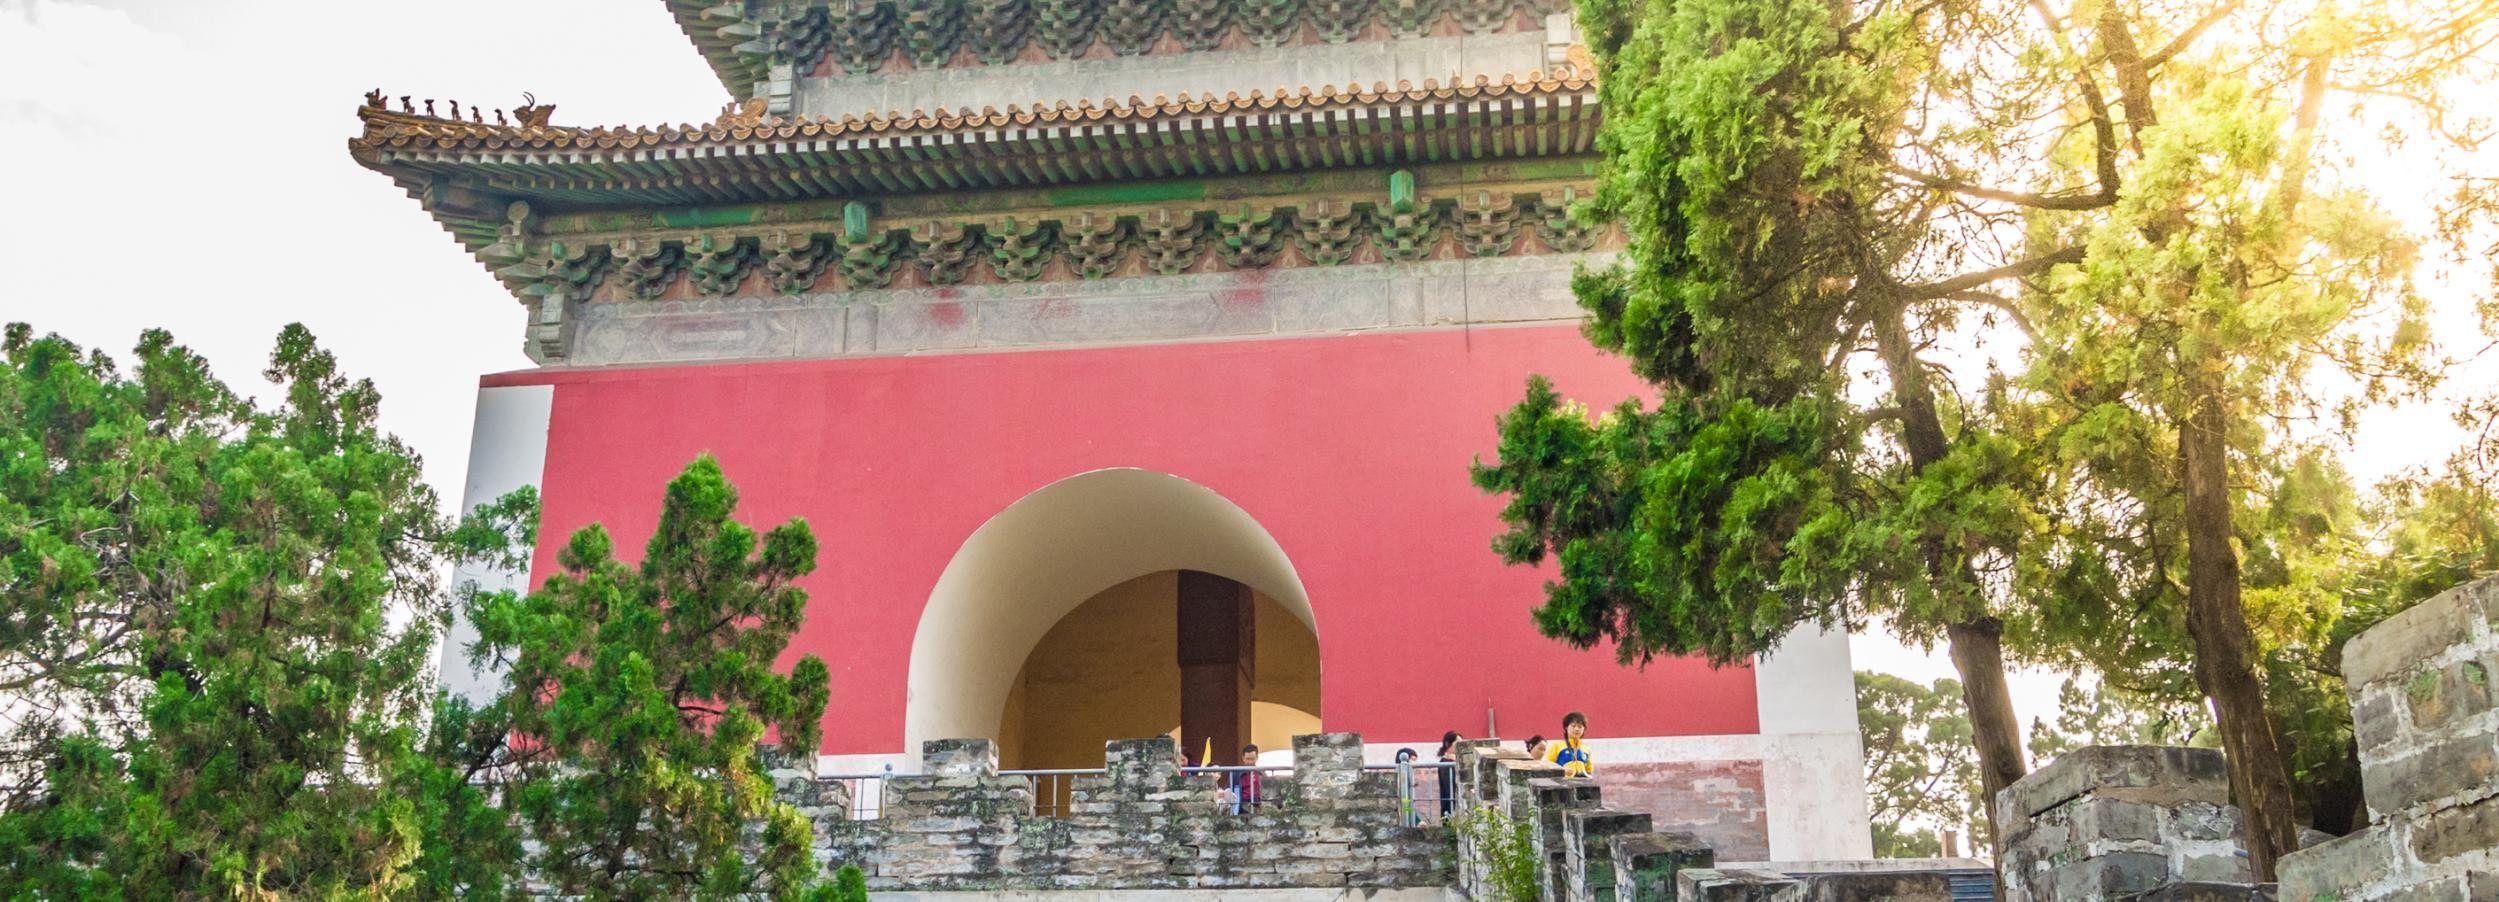 Grande Muraglia a Mutianyu: tour in bus con tombe dei Ming